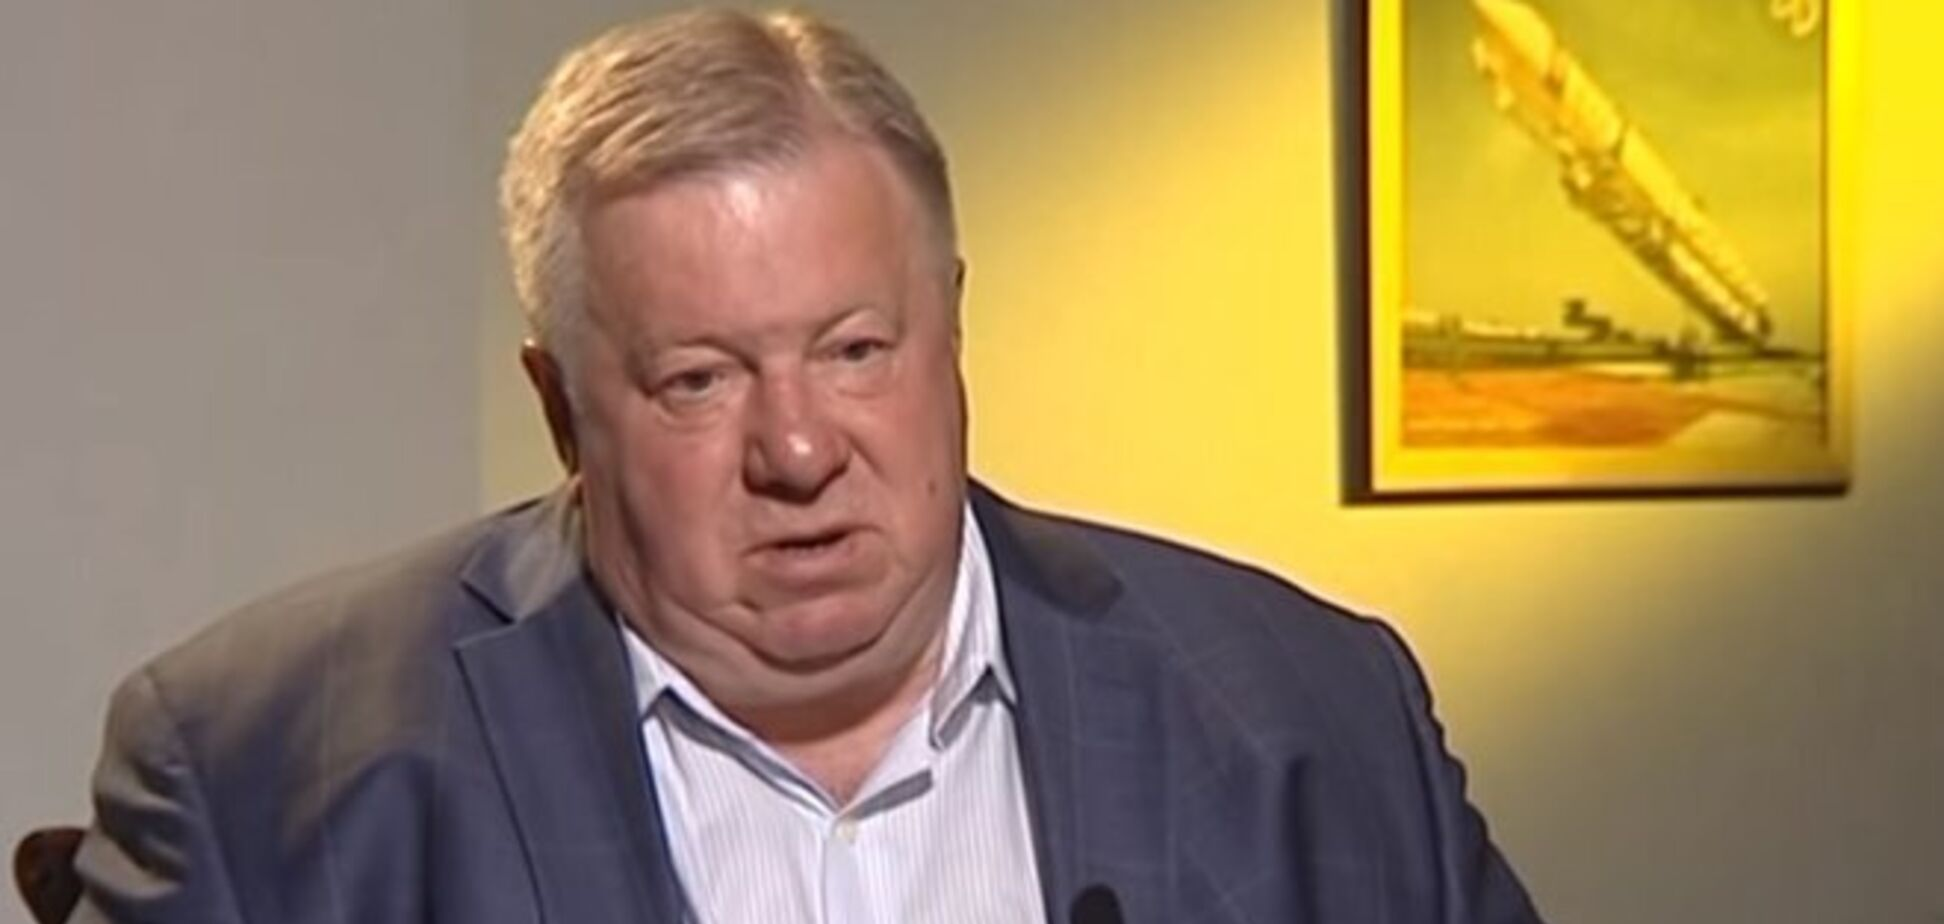 Скандальний гендиректор КБ 'Південне' виписав собі премію на 600 тисяч